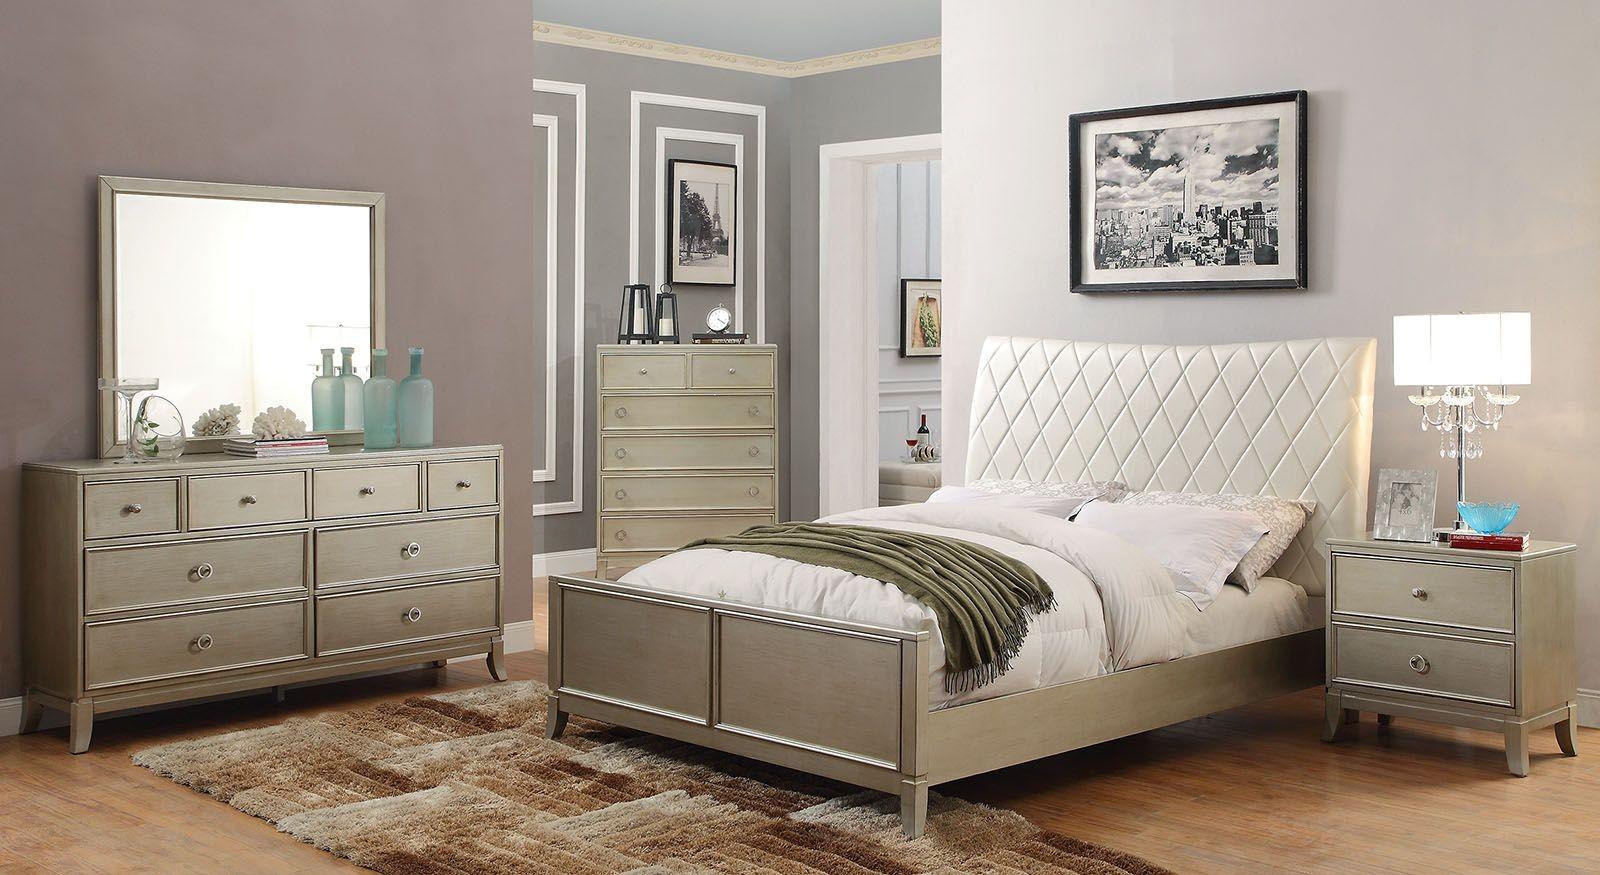 enid silver upholstered panel bedroom set cm7430q furniture of america. Black Bedroom Furniture Sets. Home Design Ideas